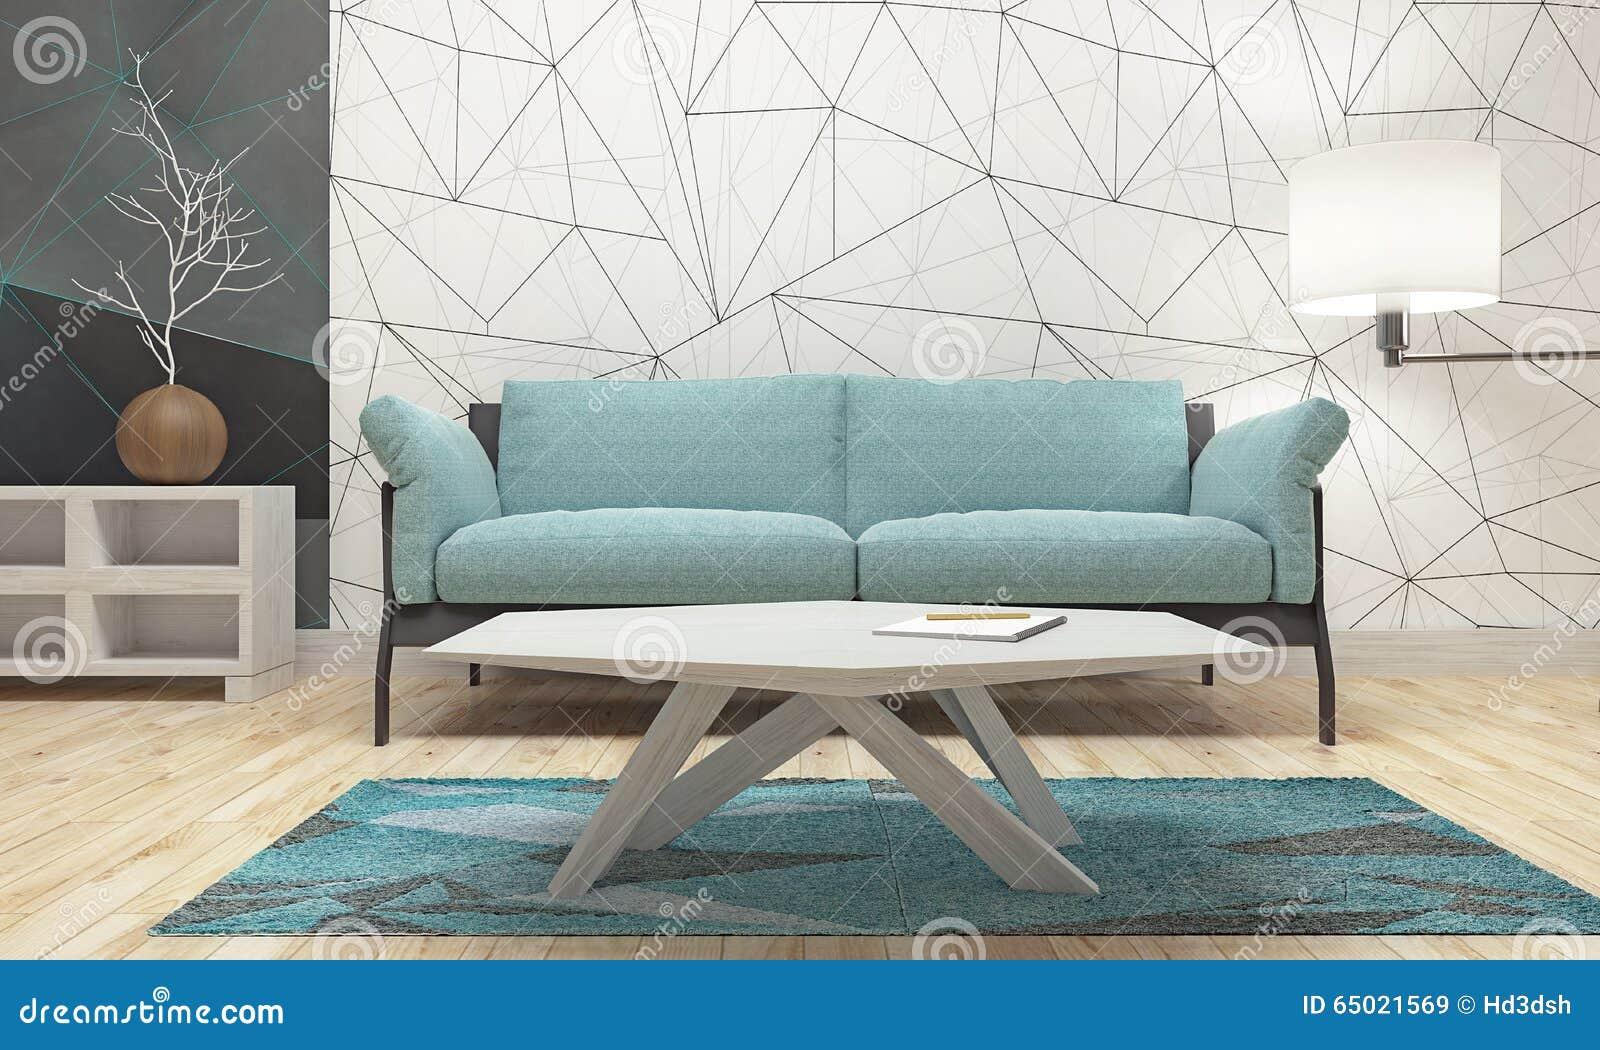 Disegno interno moderno del salone immagine stock for Interno moderno